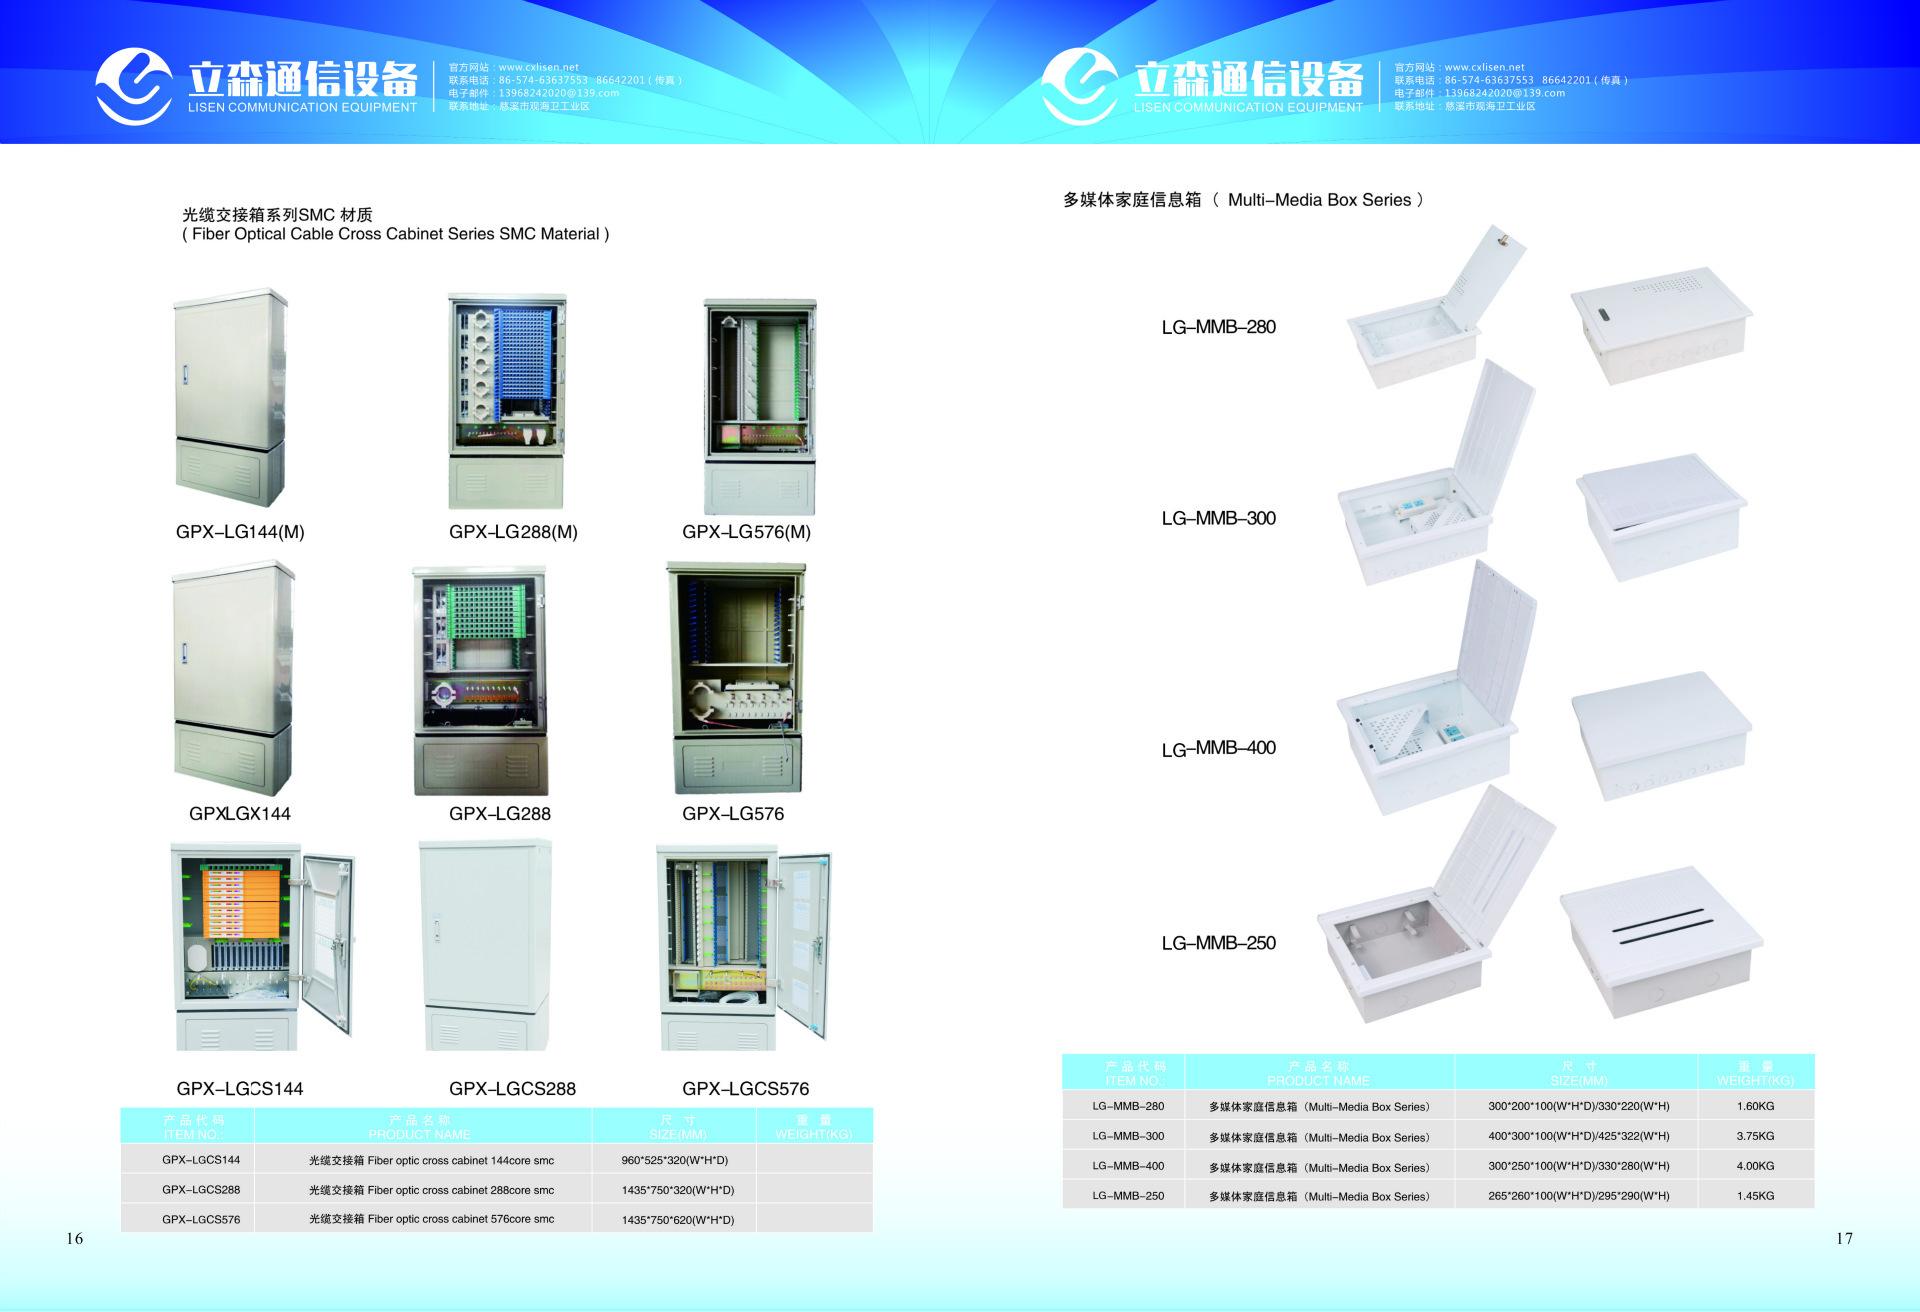 厂家供应SMC玻璃钢材质144芯288芯360芯光缆交接箱图片_4